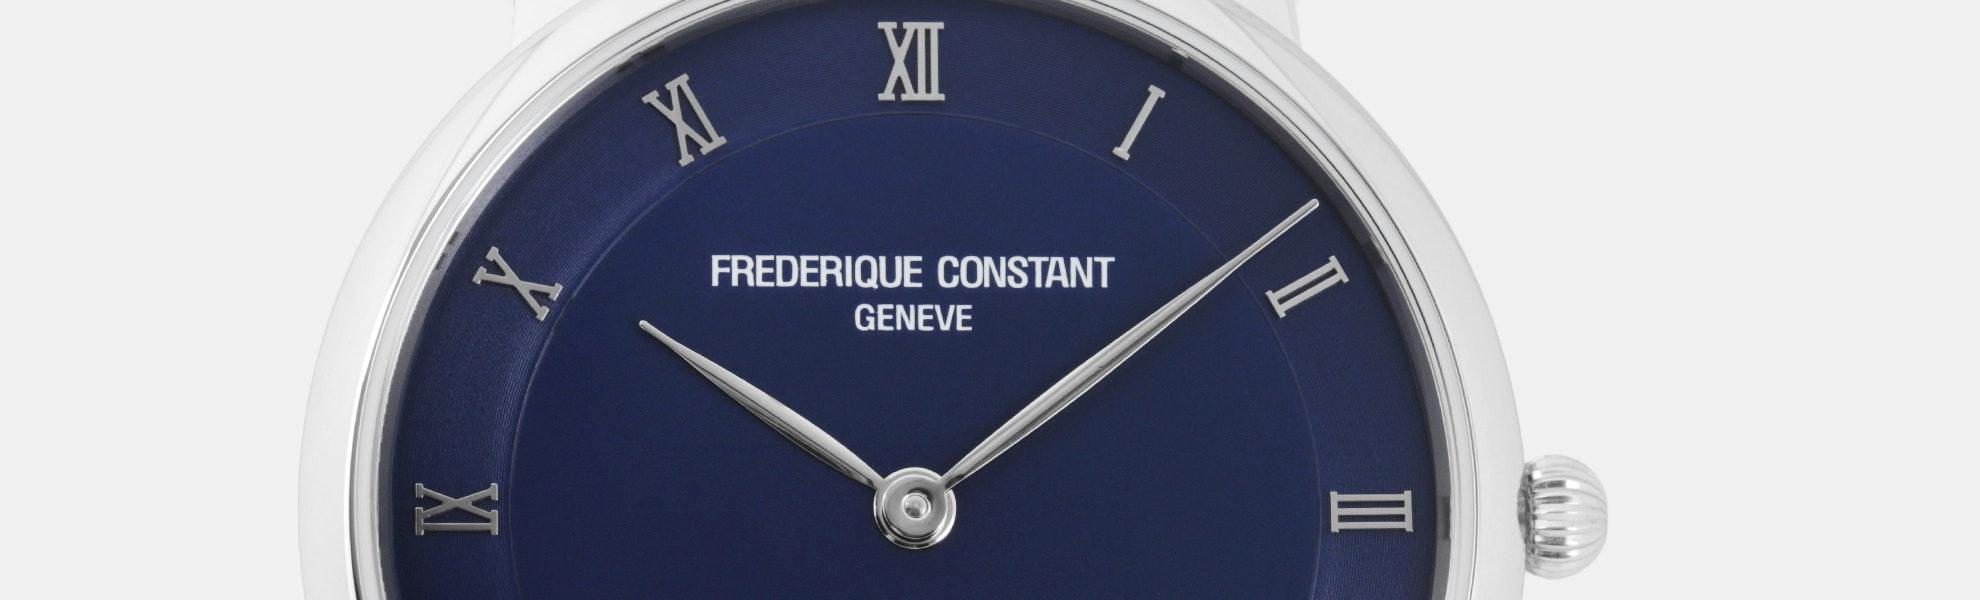 Frédérique Constant Slim Line Quartz Watch